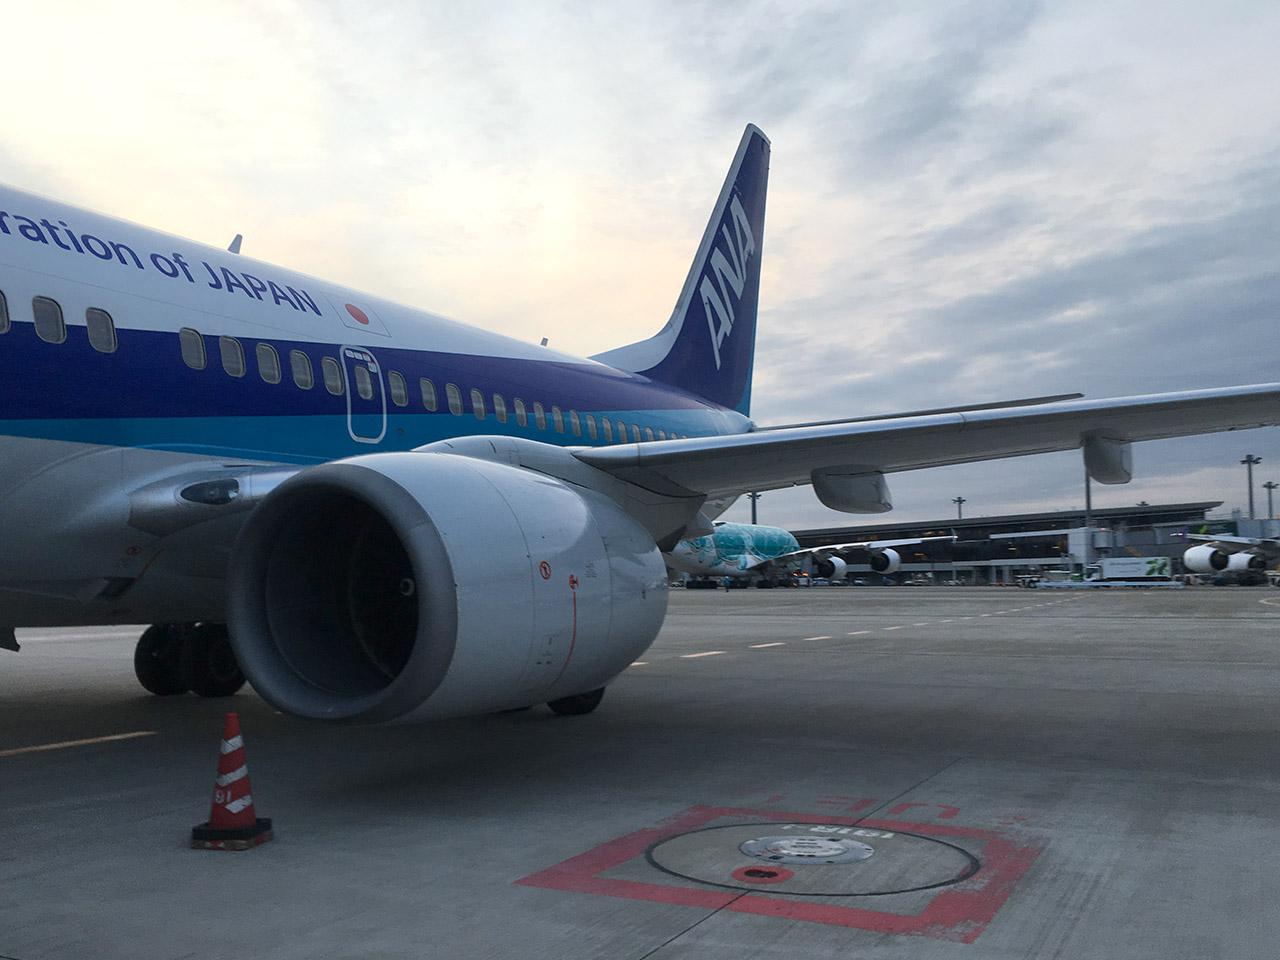 成田空港,滑走路,沖止め,737